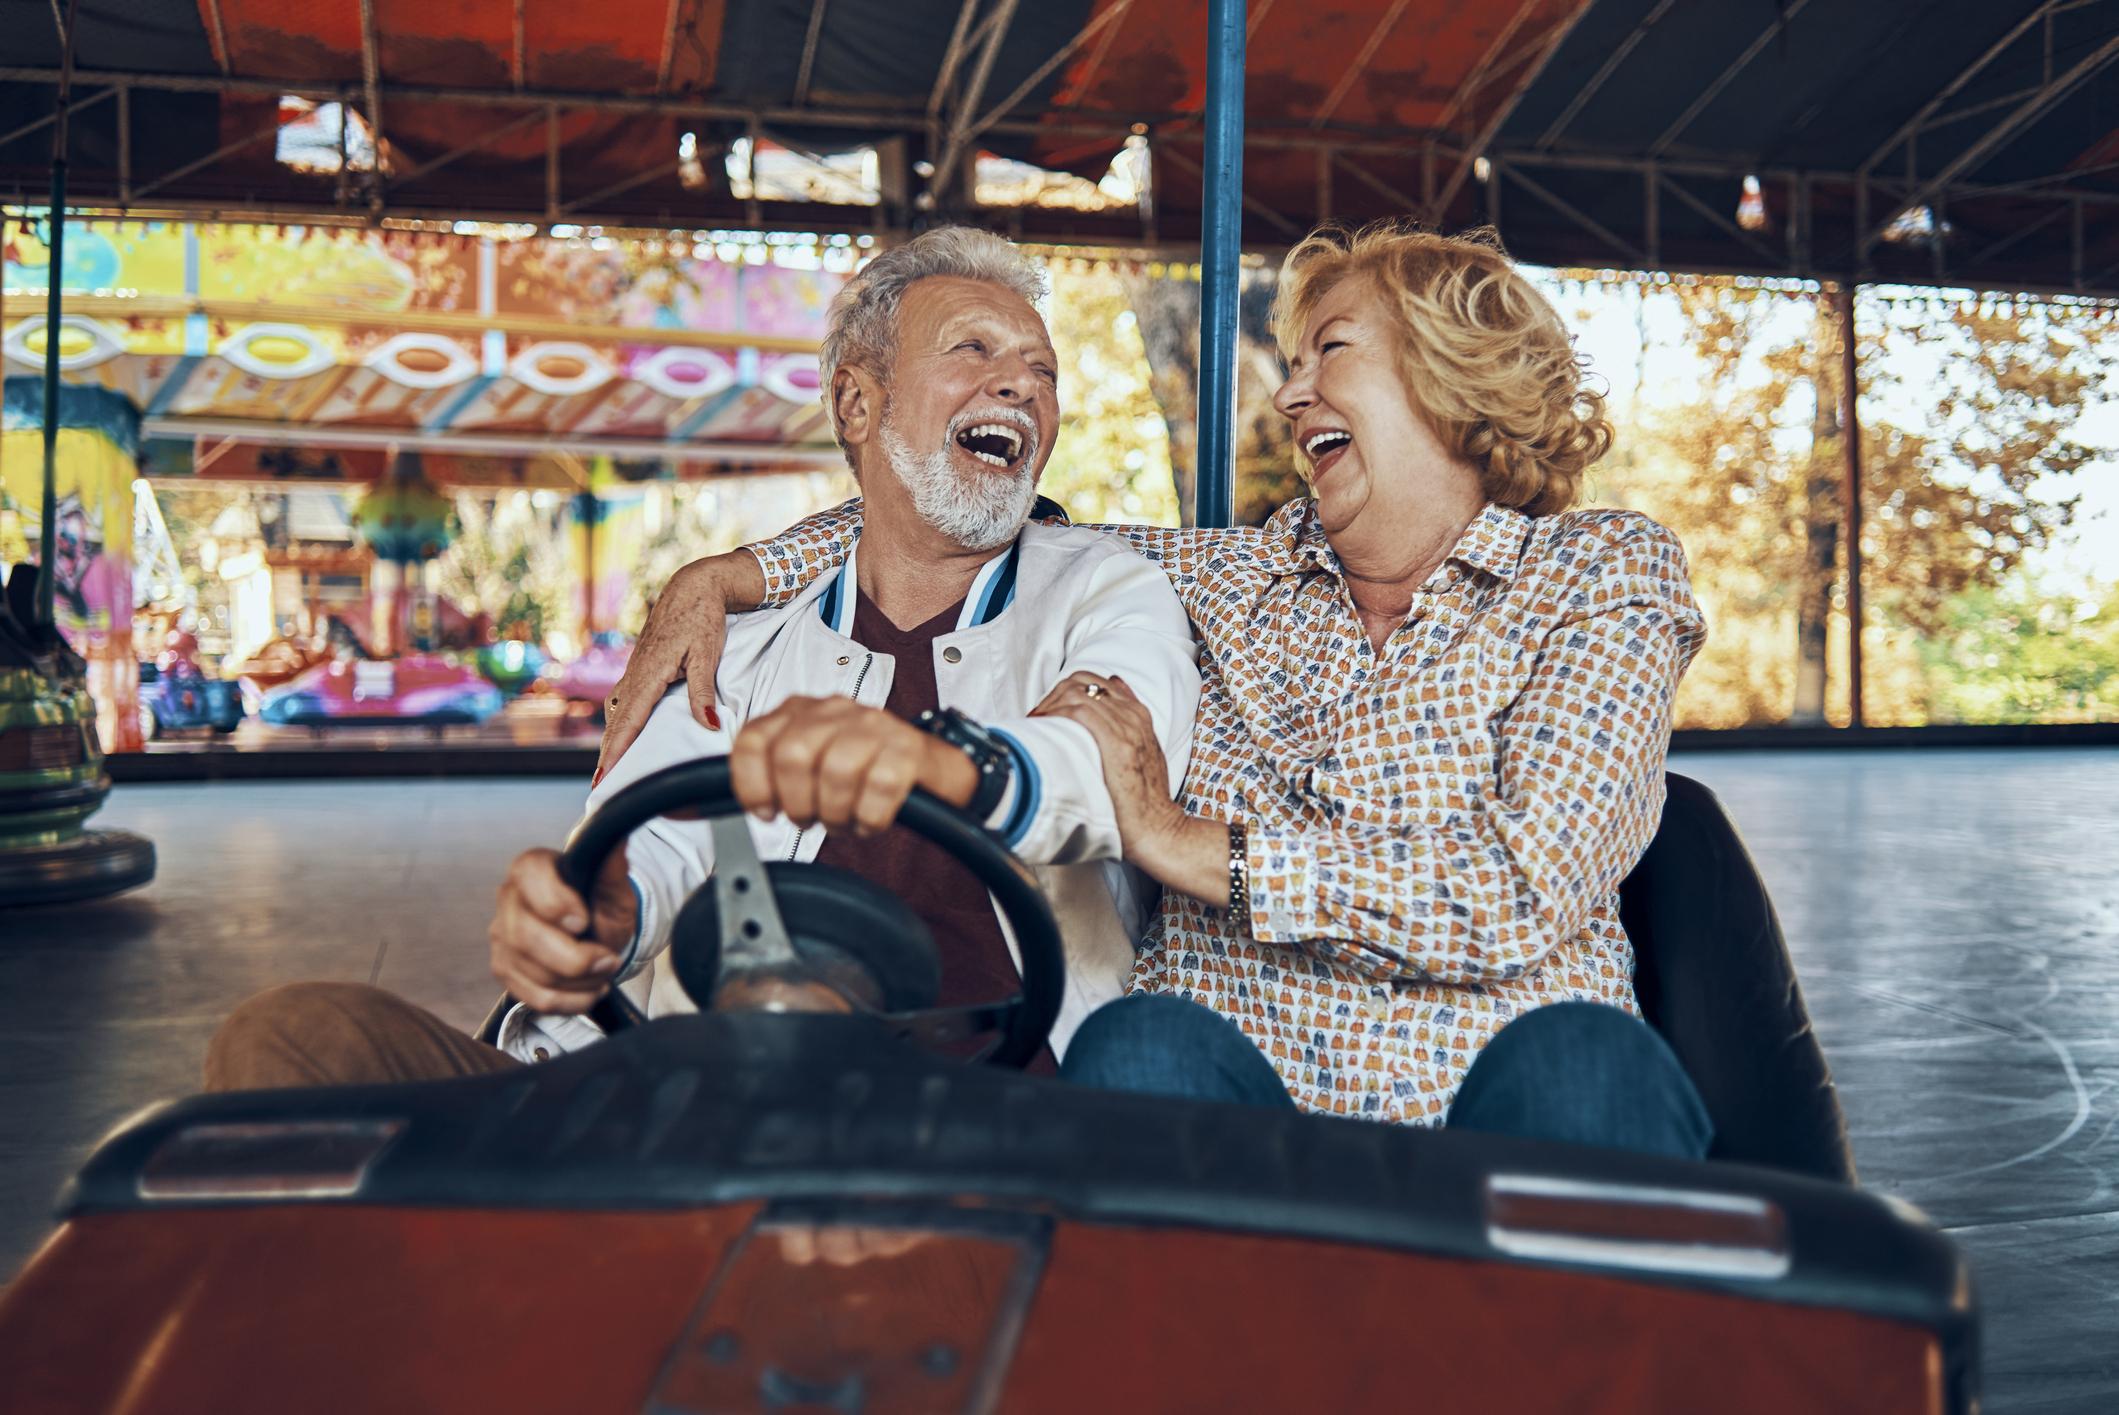 Stariji ljudi se češće usredotočuju na ono lijepo u životu te češće primjećuju pozitivne aspekte života.